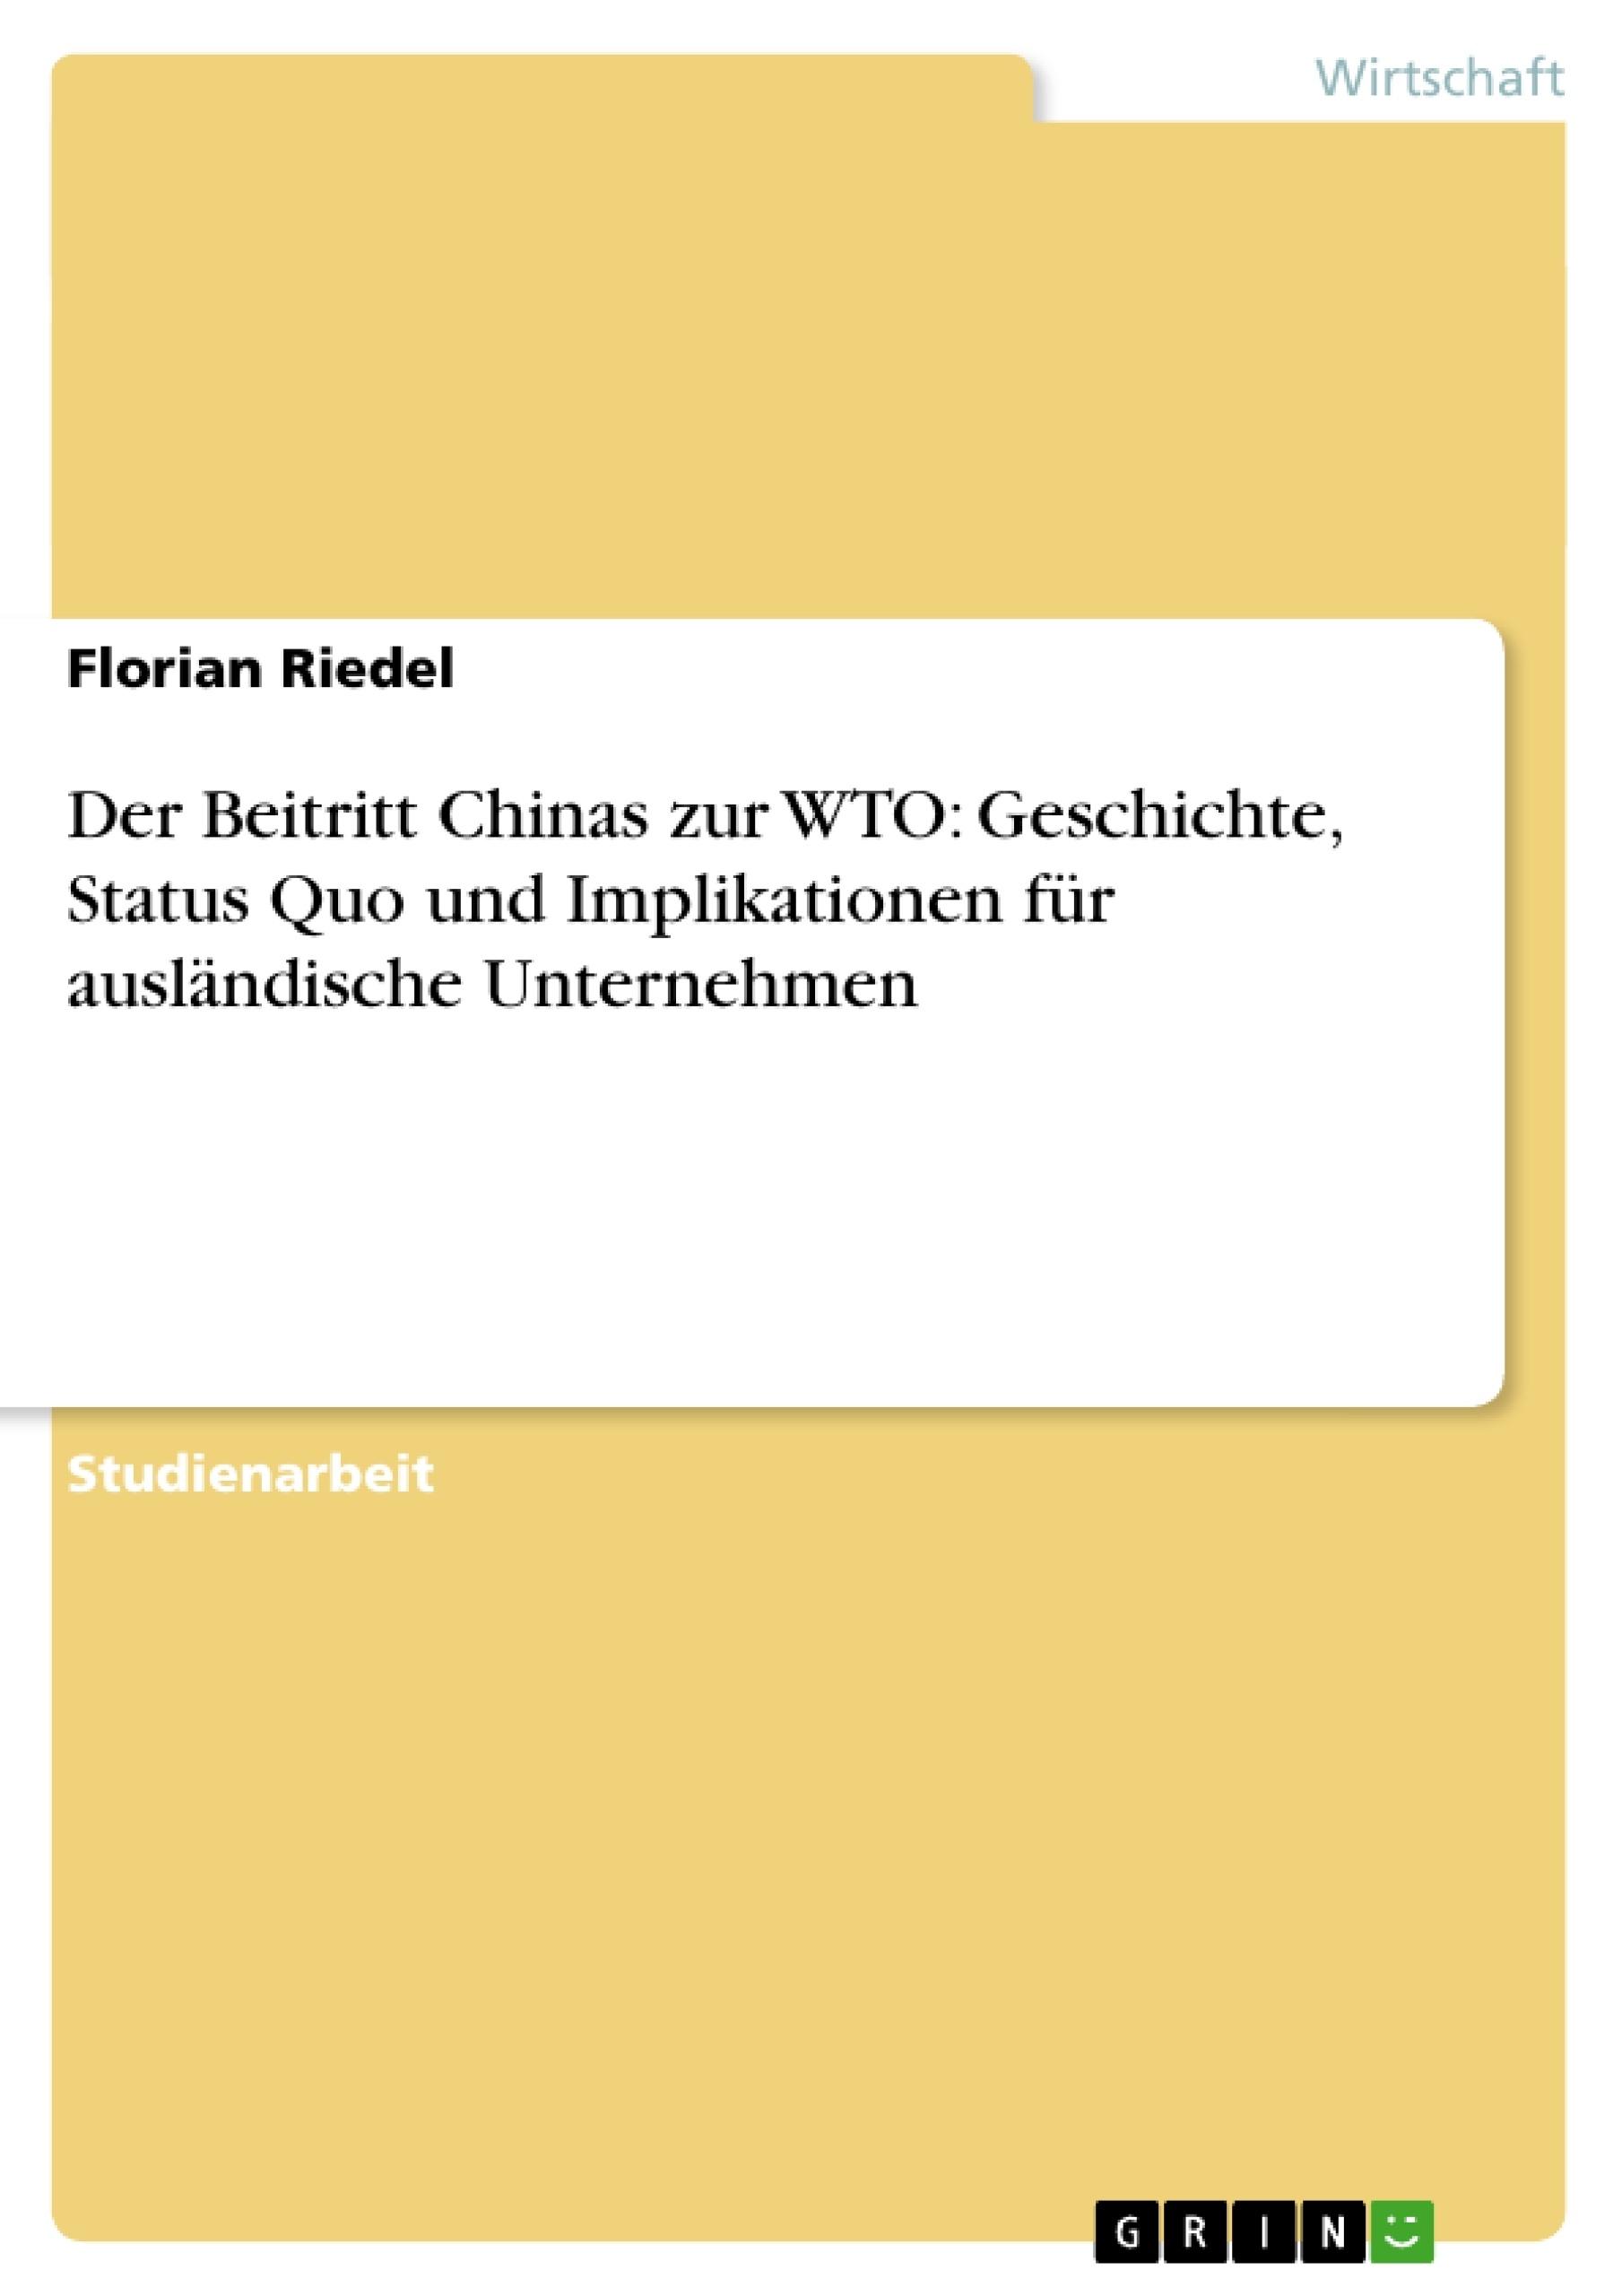 Titel: Der Beitritt Chinas zur WTO: Geschichte, Status Quo und Implikationen für ausländische Unternehmen